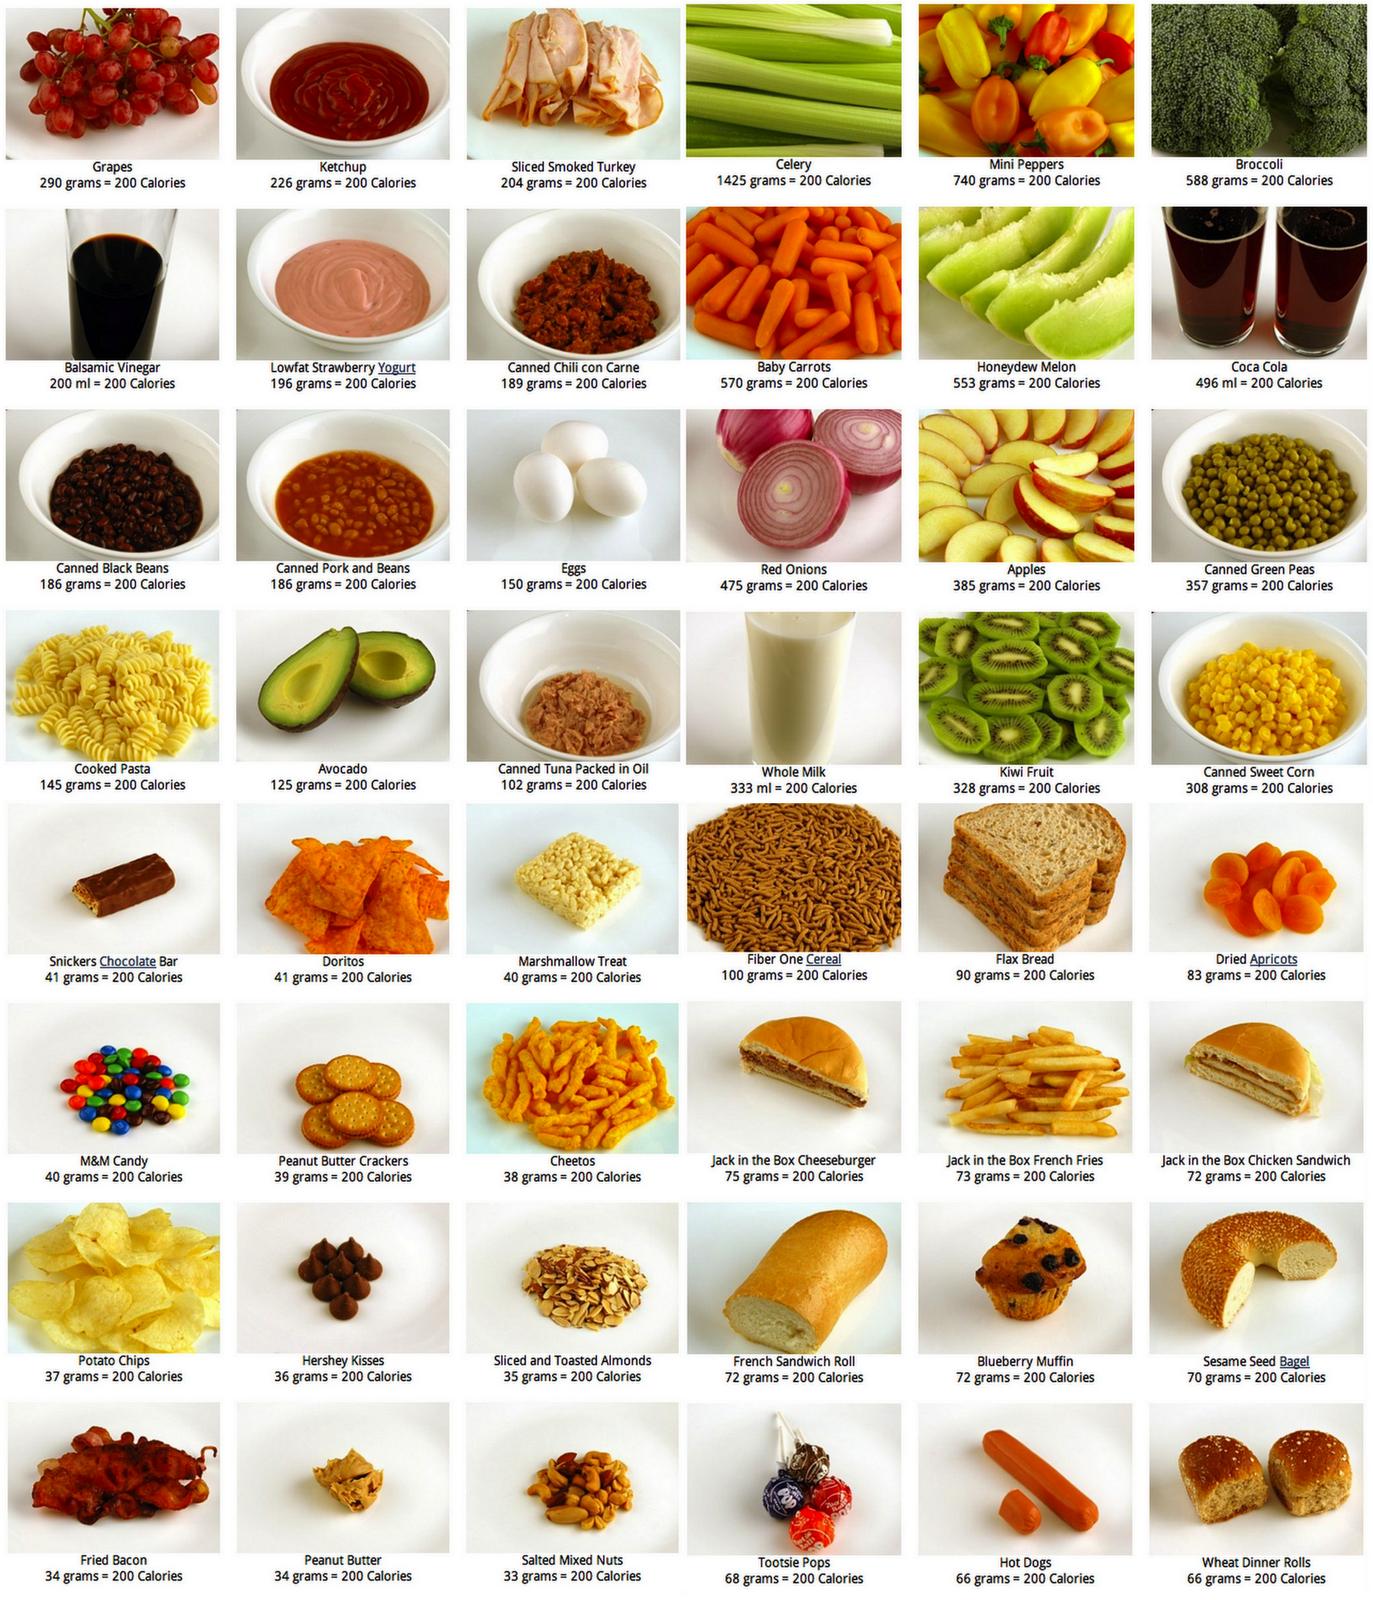 Что такое калории и как их правильно считать для похудения или набора массы